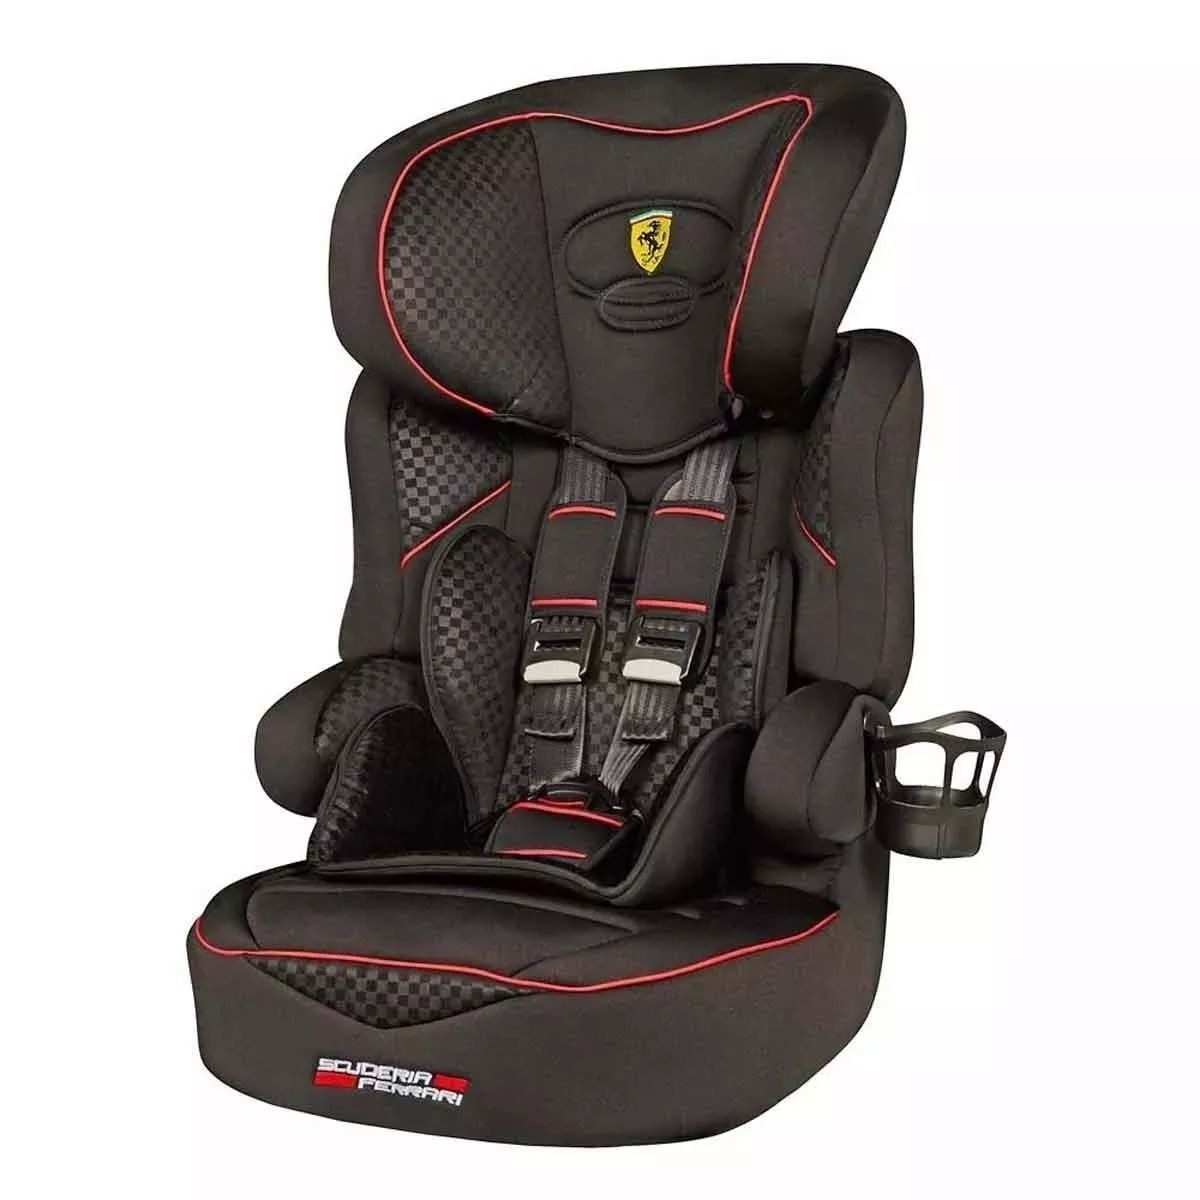 e523c7ae40289 cadeira carro bebê ferrari black beline sp - 9 a 36 kg preta. Carregando  zoom.